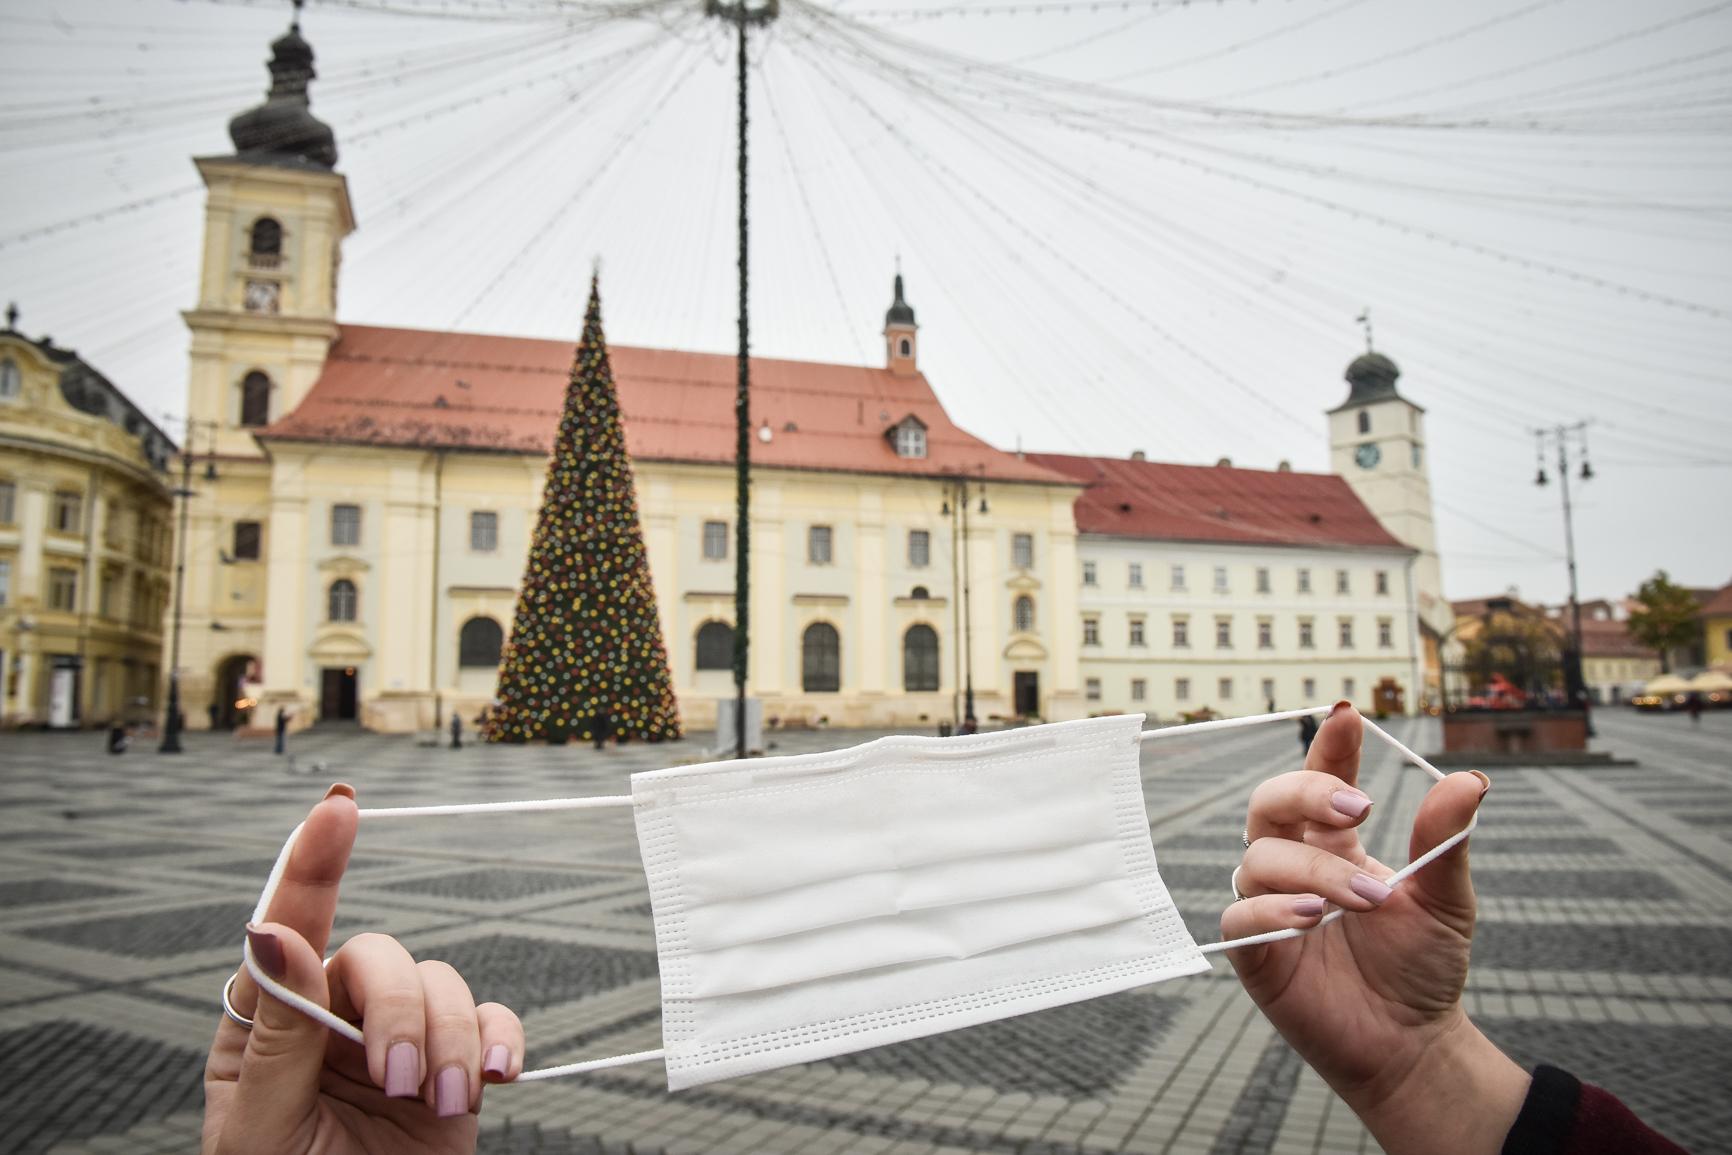 Rata de infectare în județul Sibiu scade. De la 1,14 la 1,07